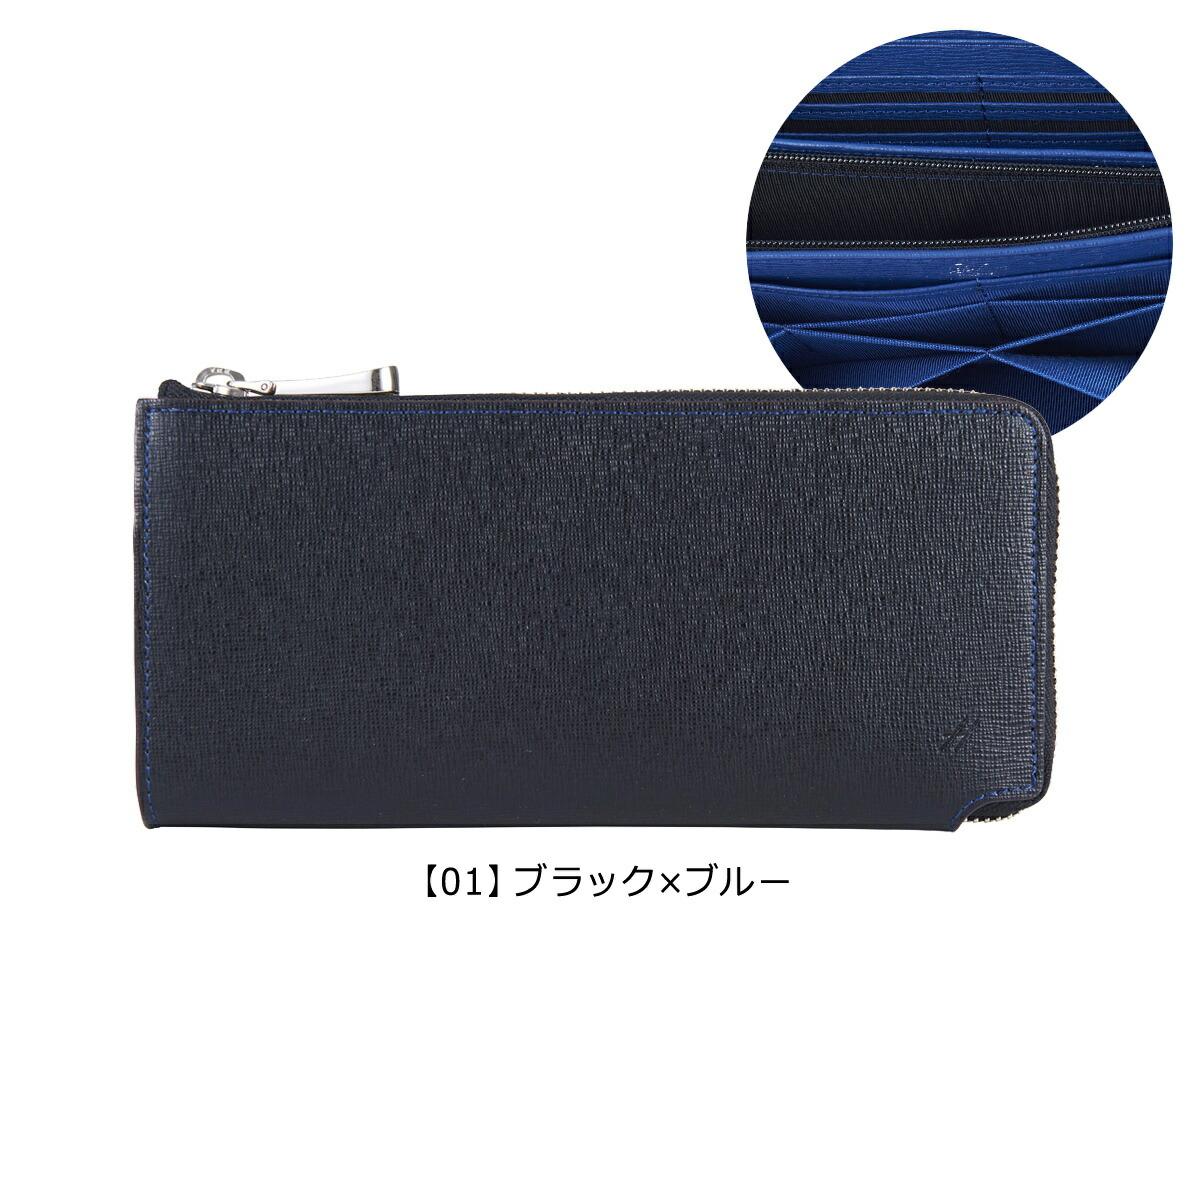 【01】ブラック×ブルー